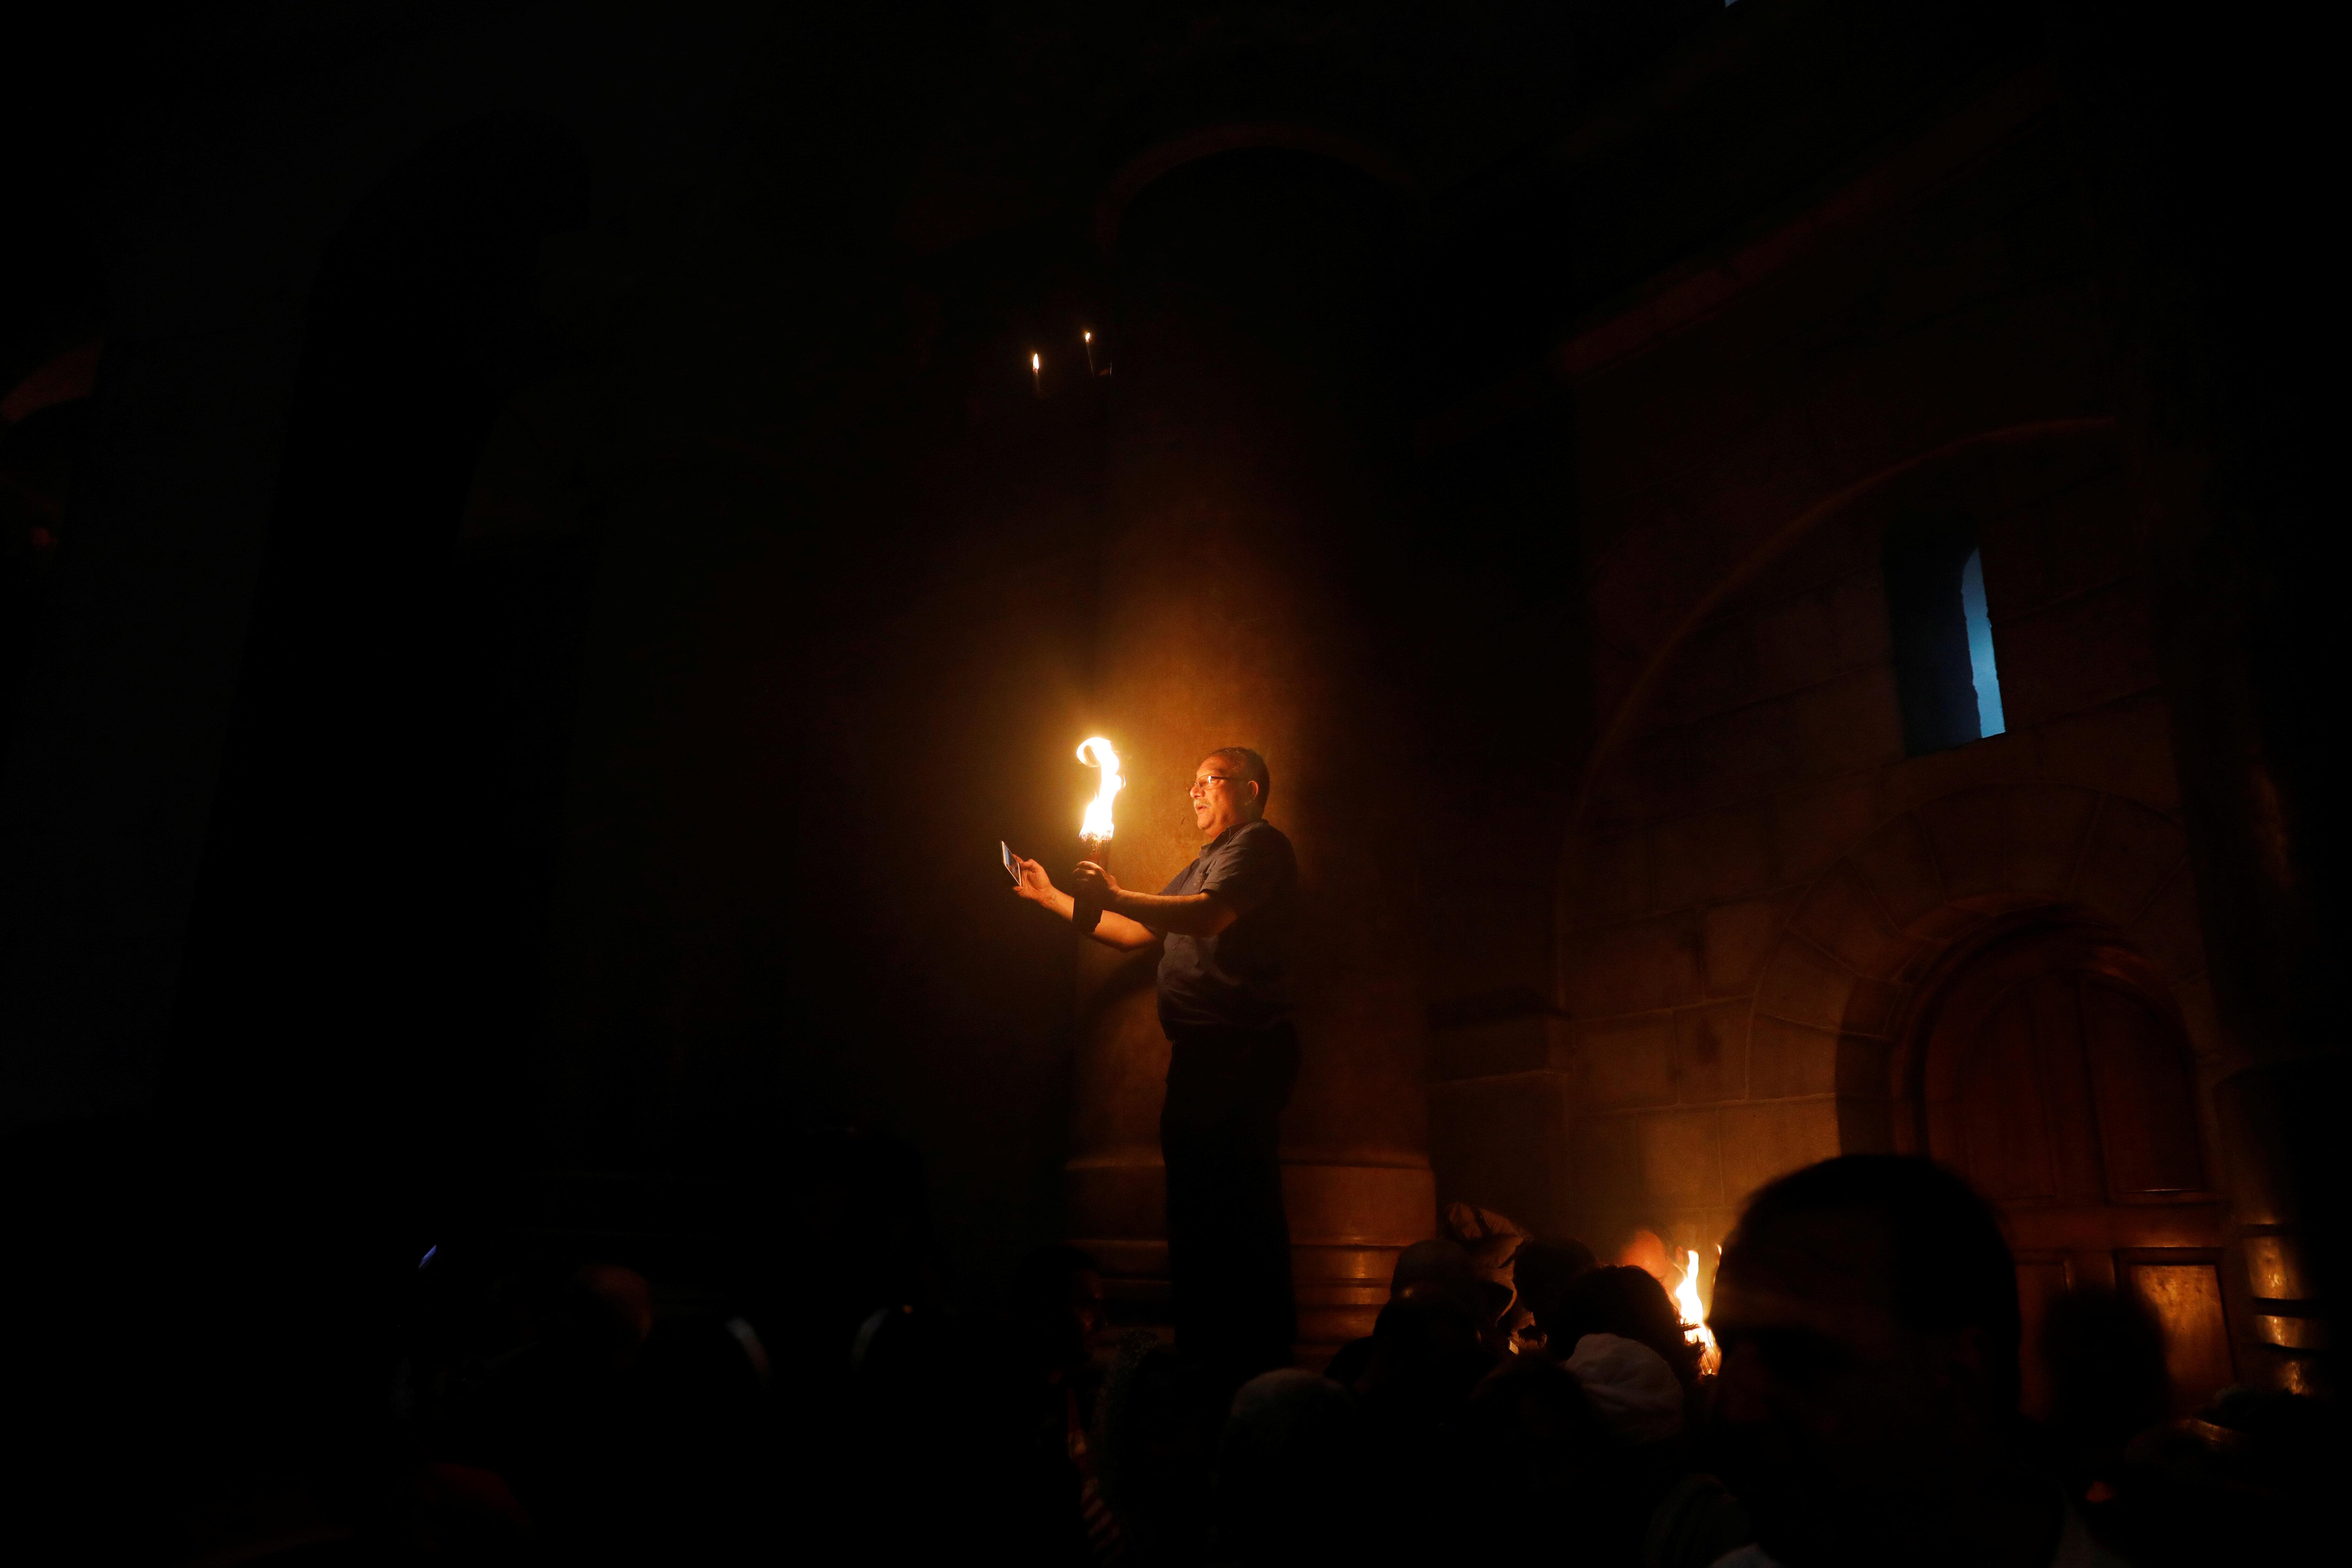 Αγιο Φως: Το Θαύμα της Ορθοδοξίας, η ουδετερότητα του Βατικανού και οι